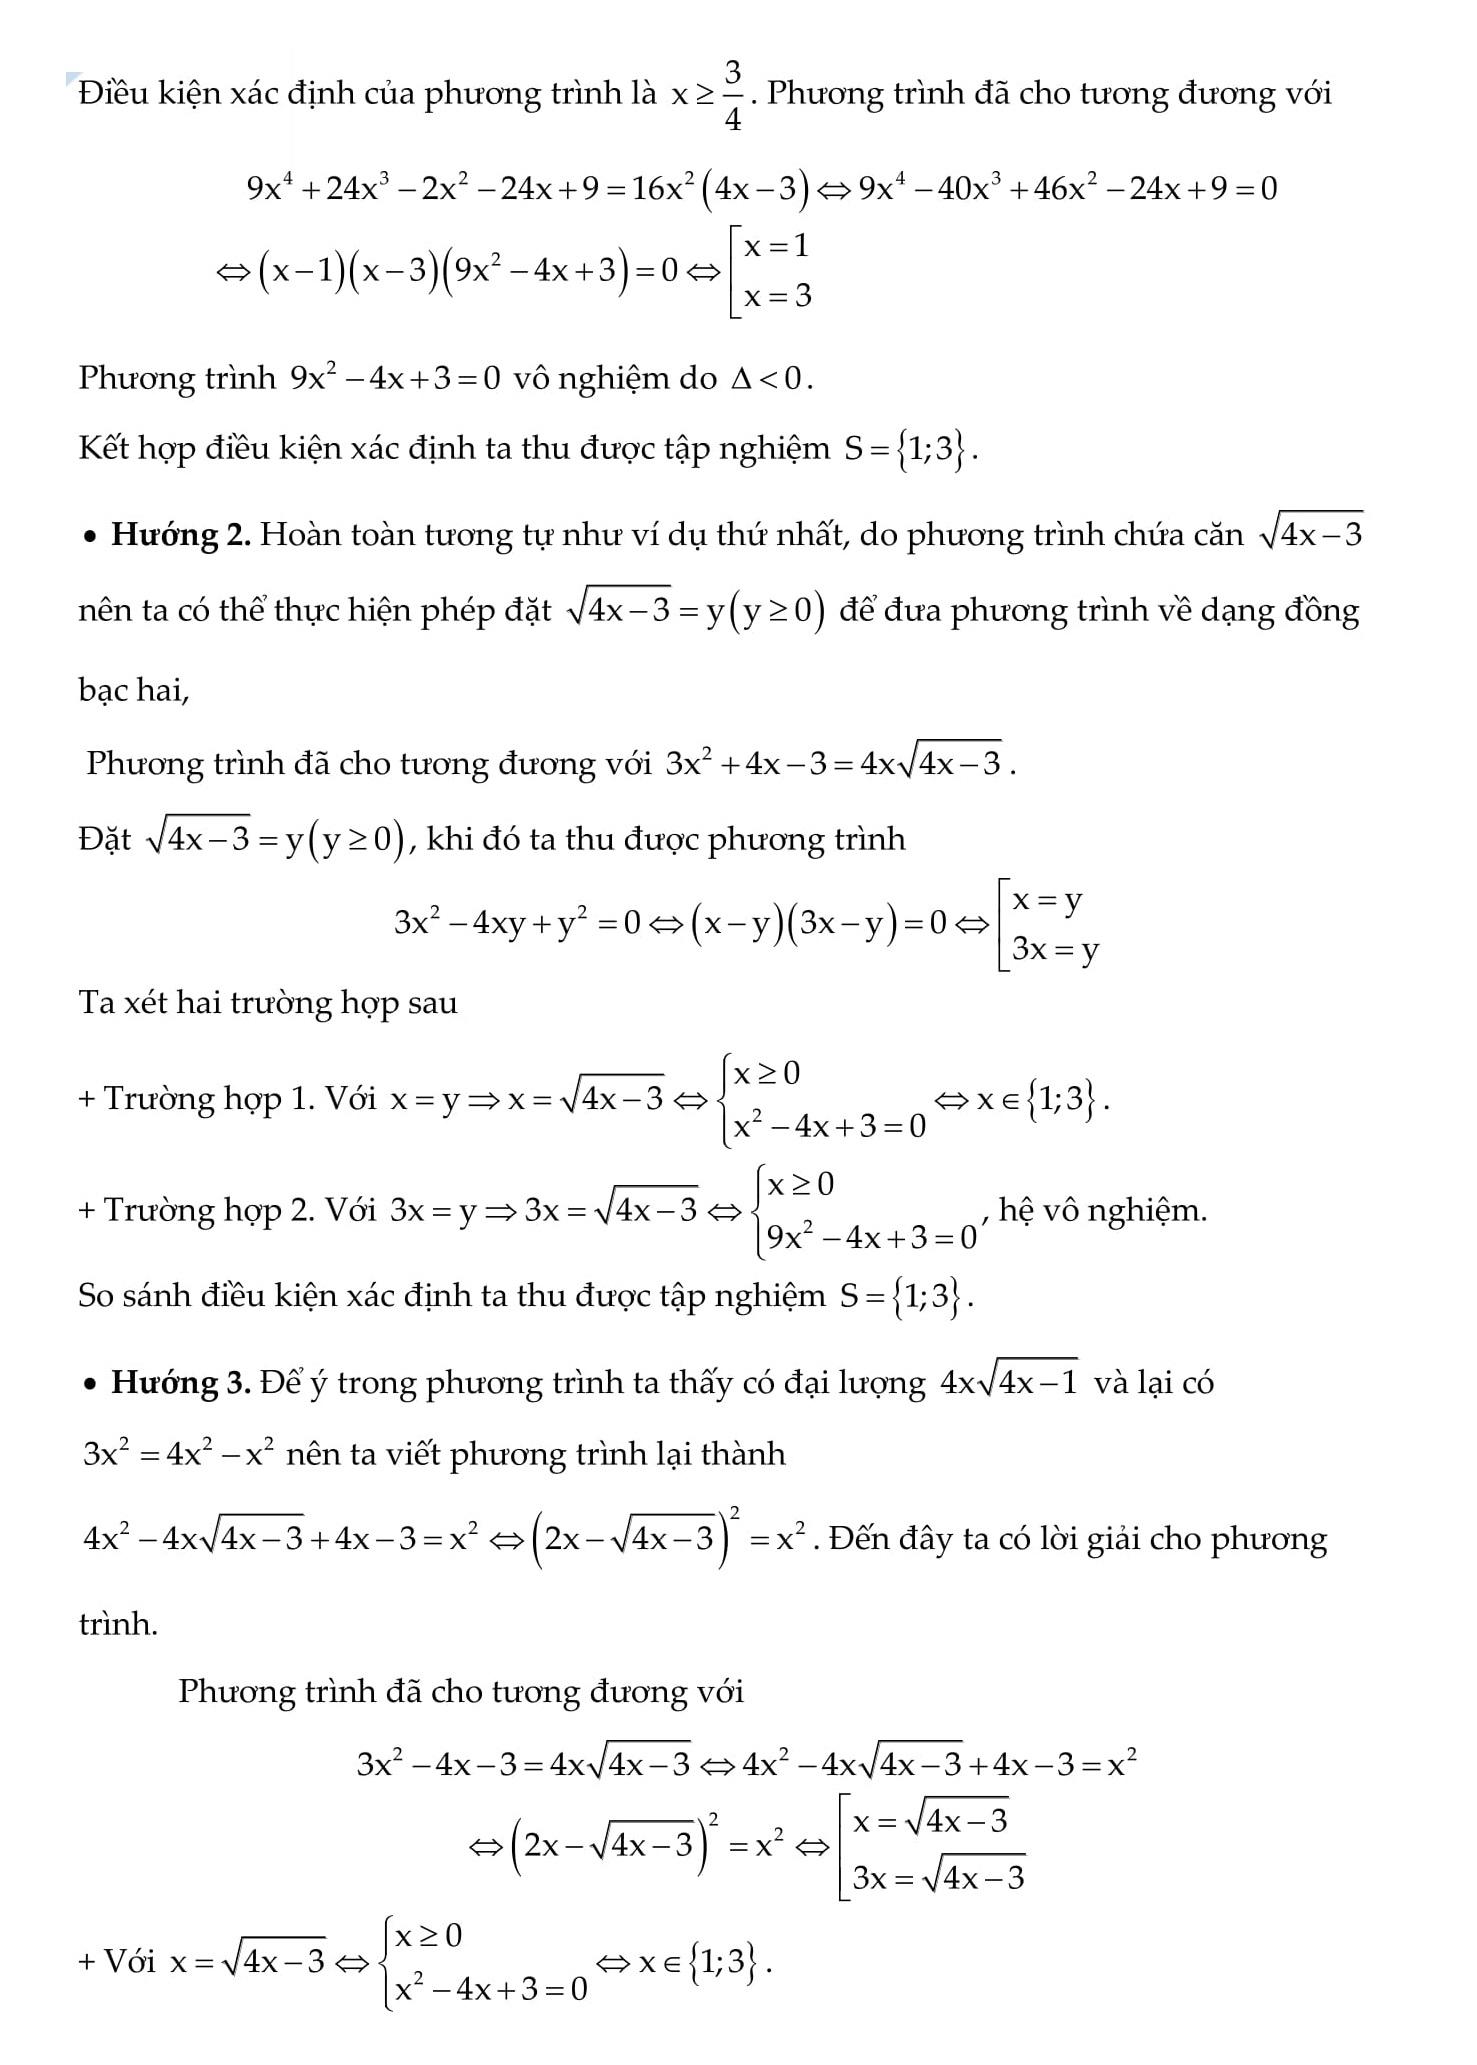 Chuyên đề Toán 9: Phương trình vô tỉ (bài tập + giải)